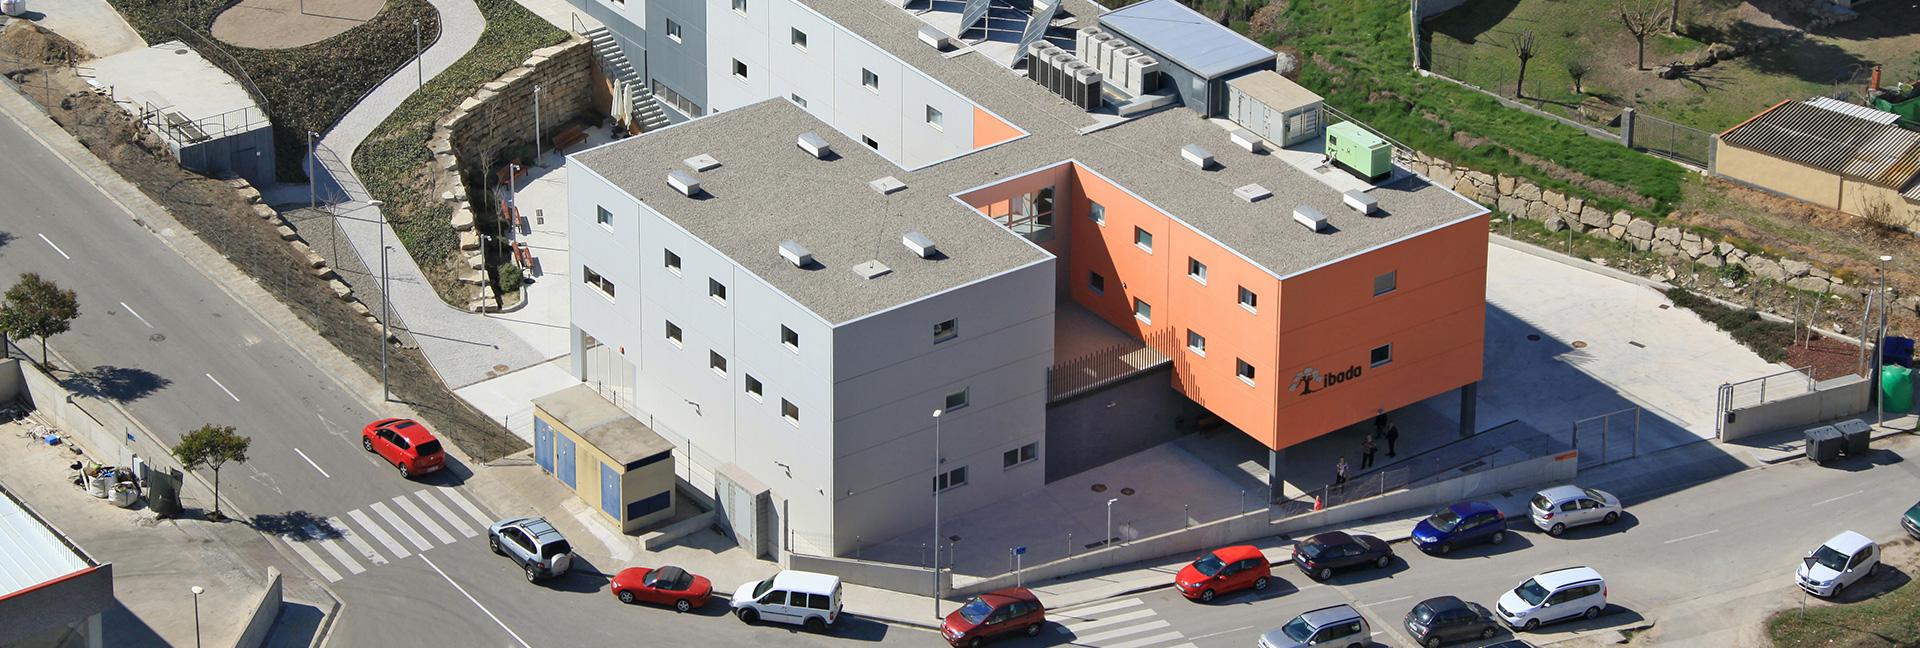 residència Ibada a Castellgaí